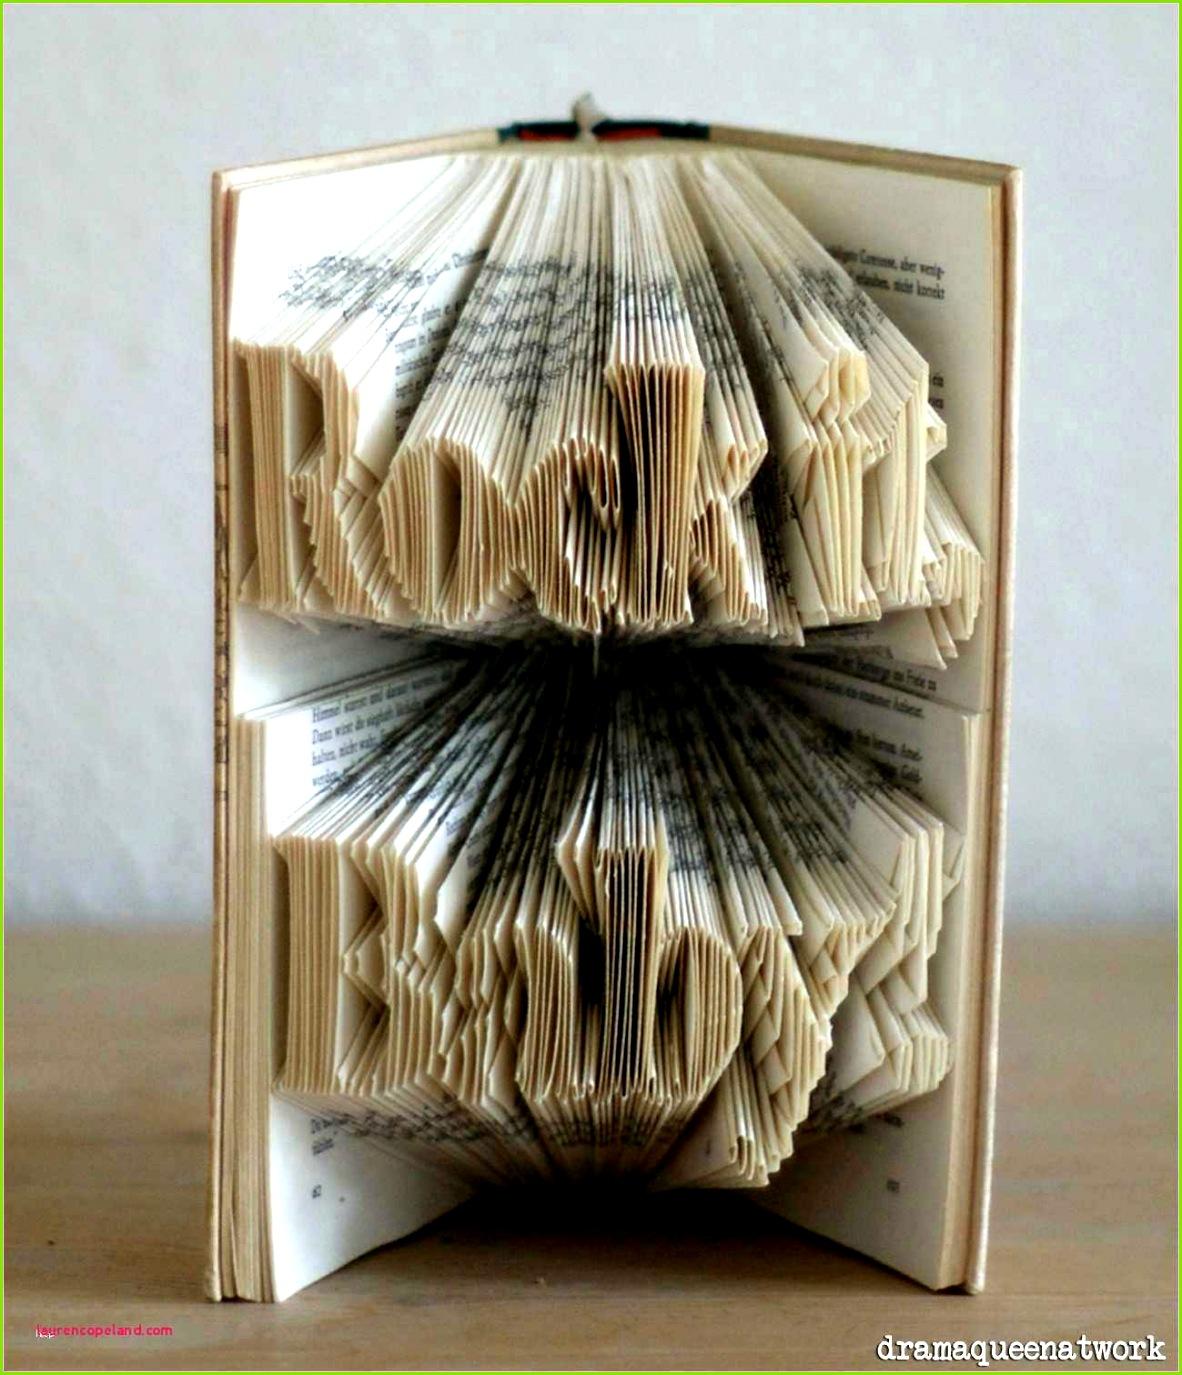 Buch Falten Vorlage Kostenlos Bücher Falten Vorlagen Zum Ausdrucken Elegant Wörter In Buch Falten